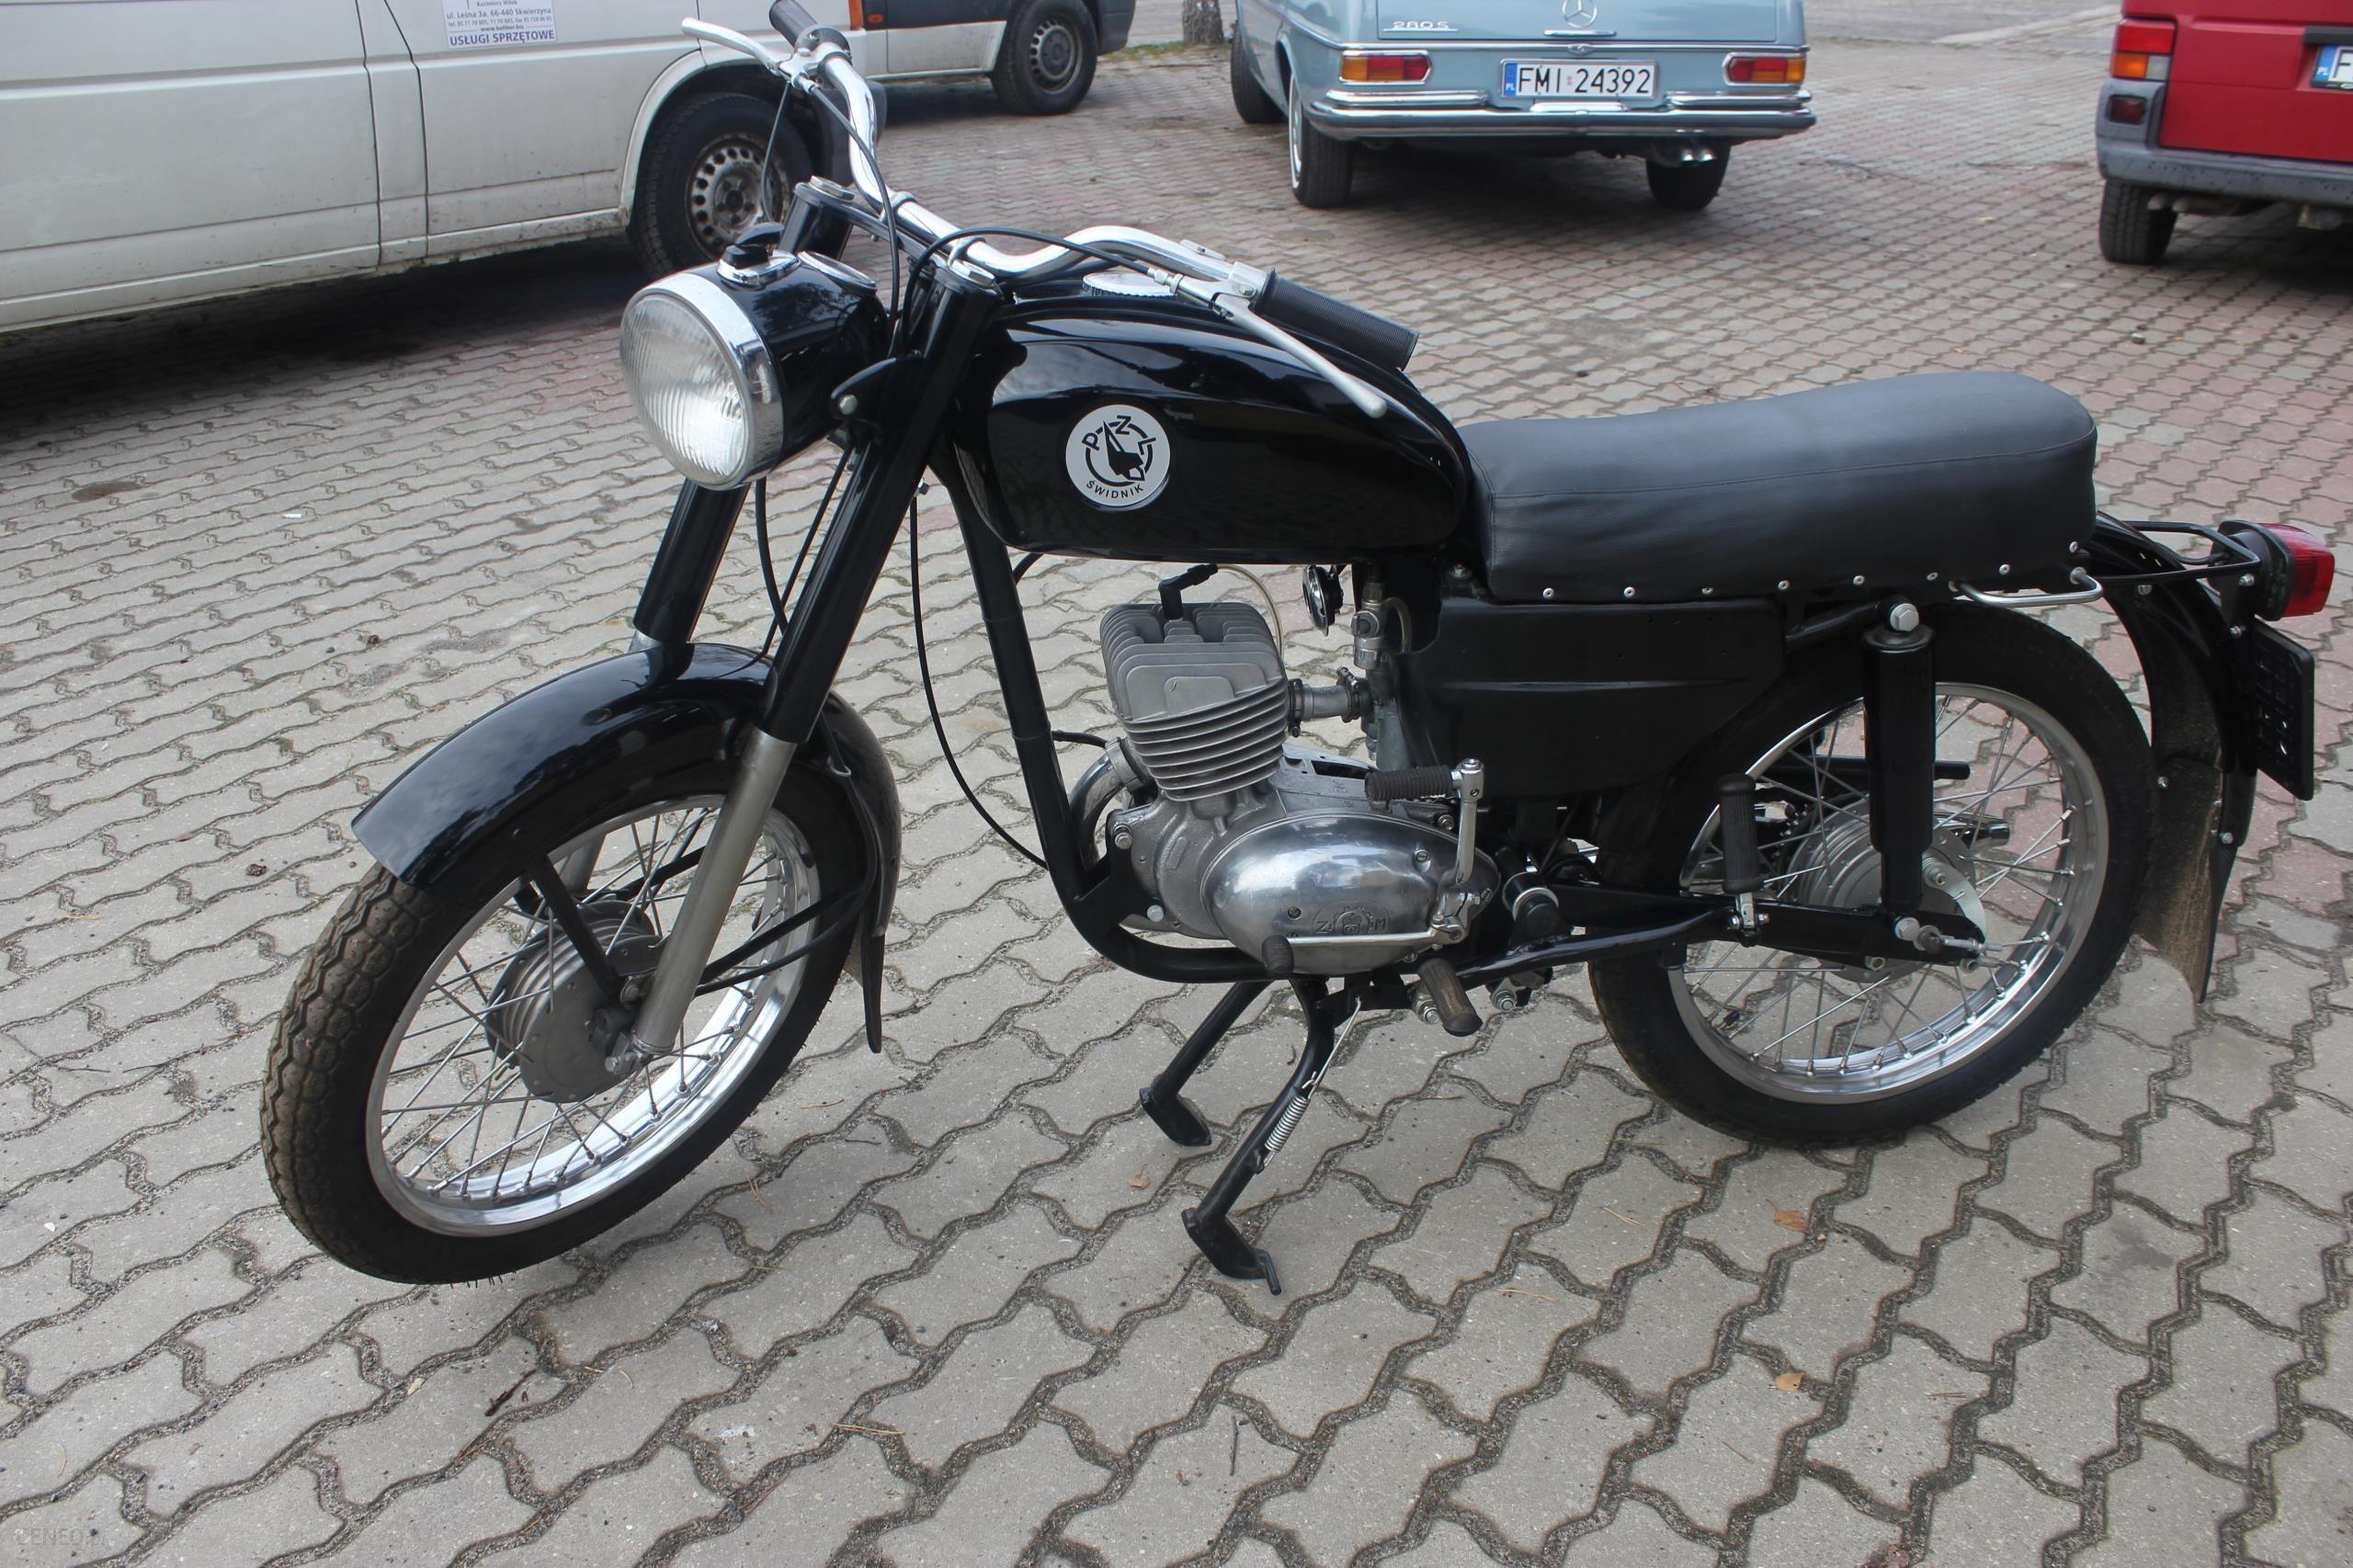 Motor Wsk 125 Opinie I Ceny Na Ceneo Pl